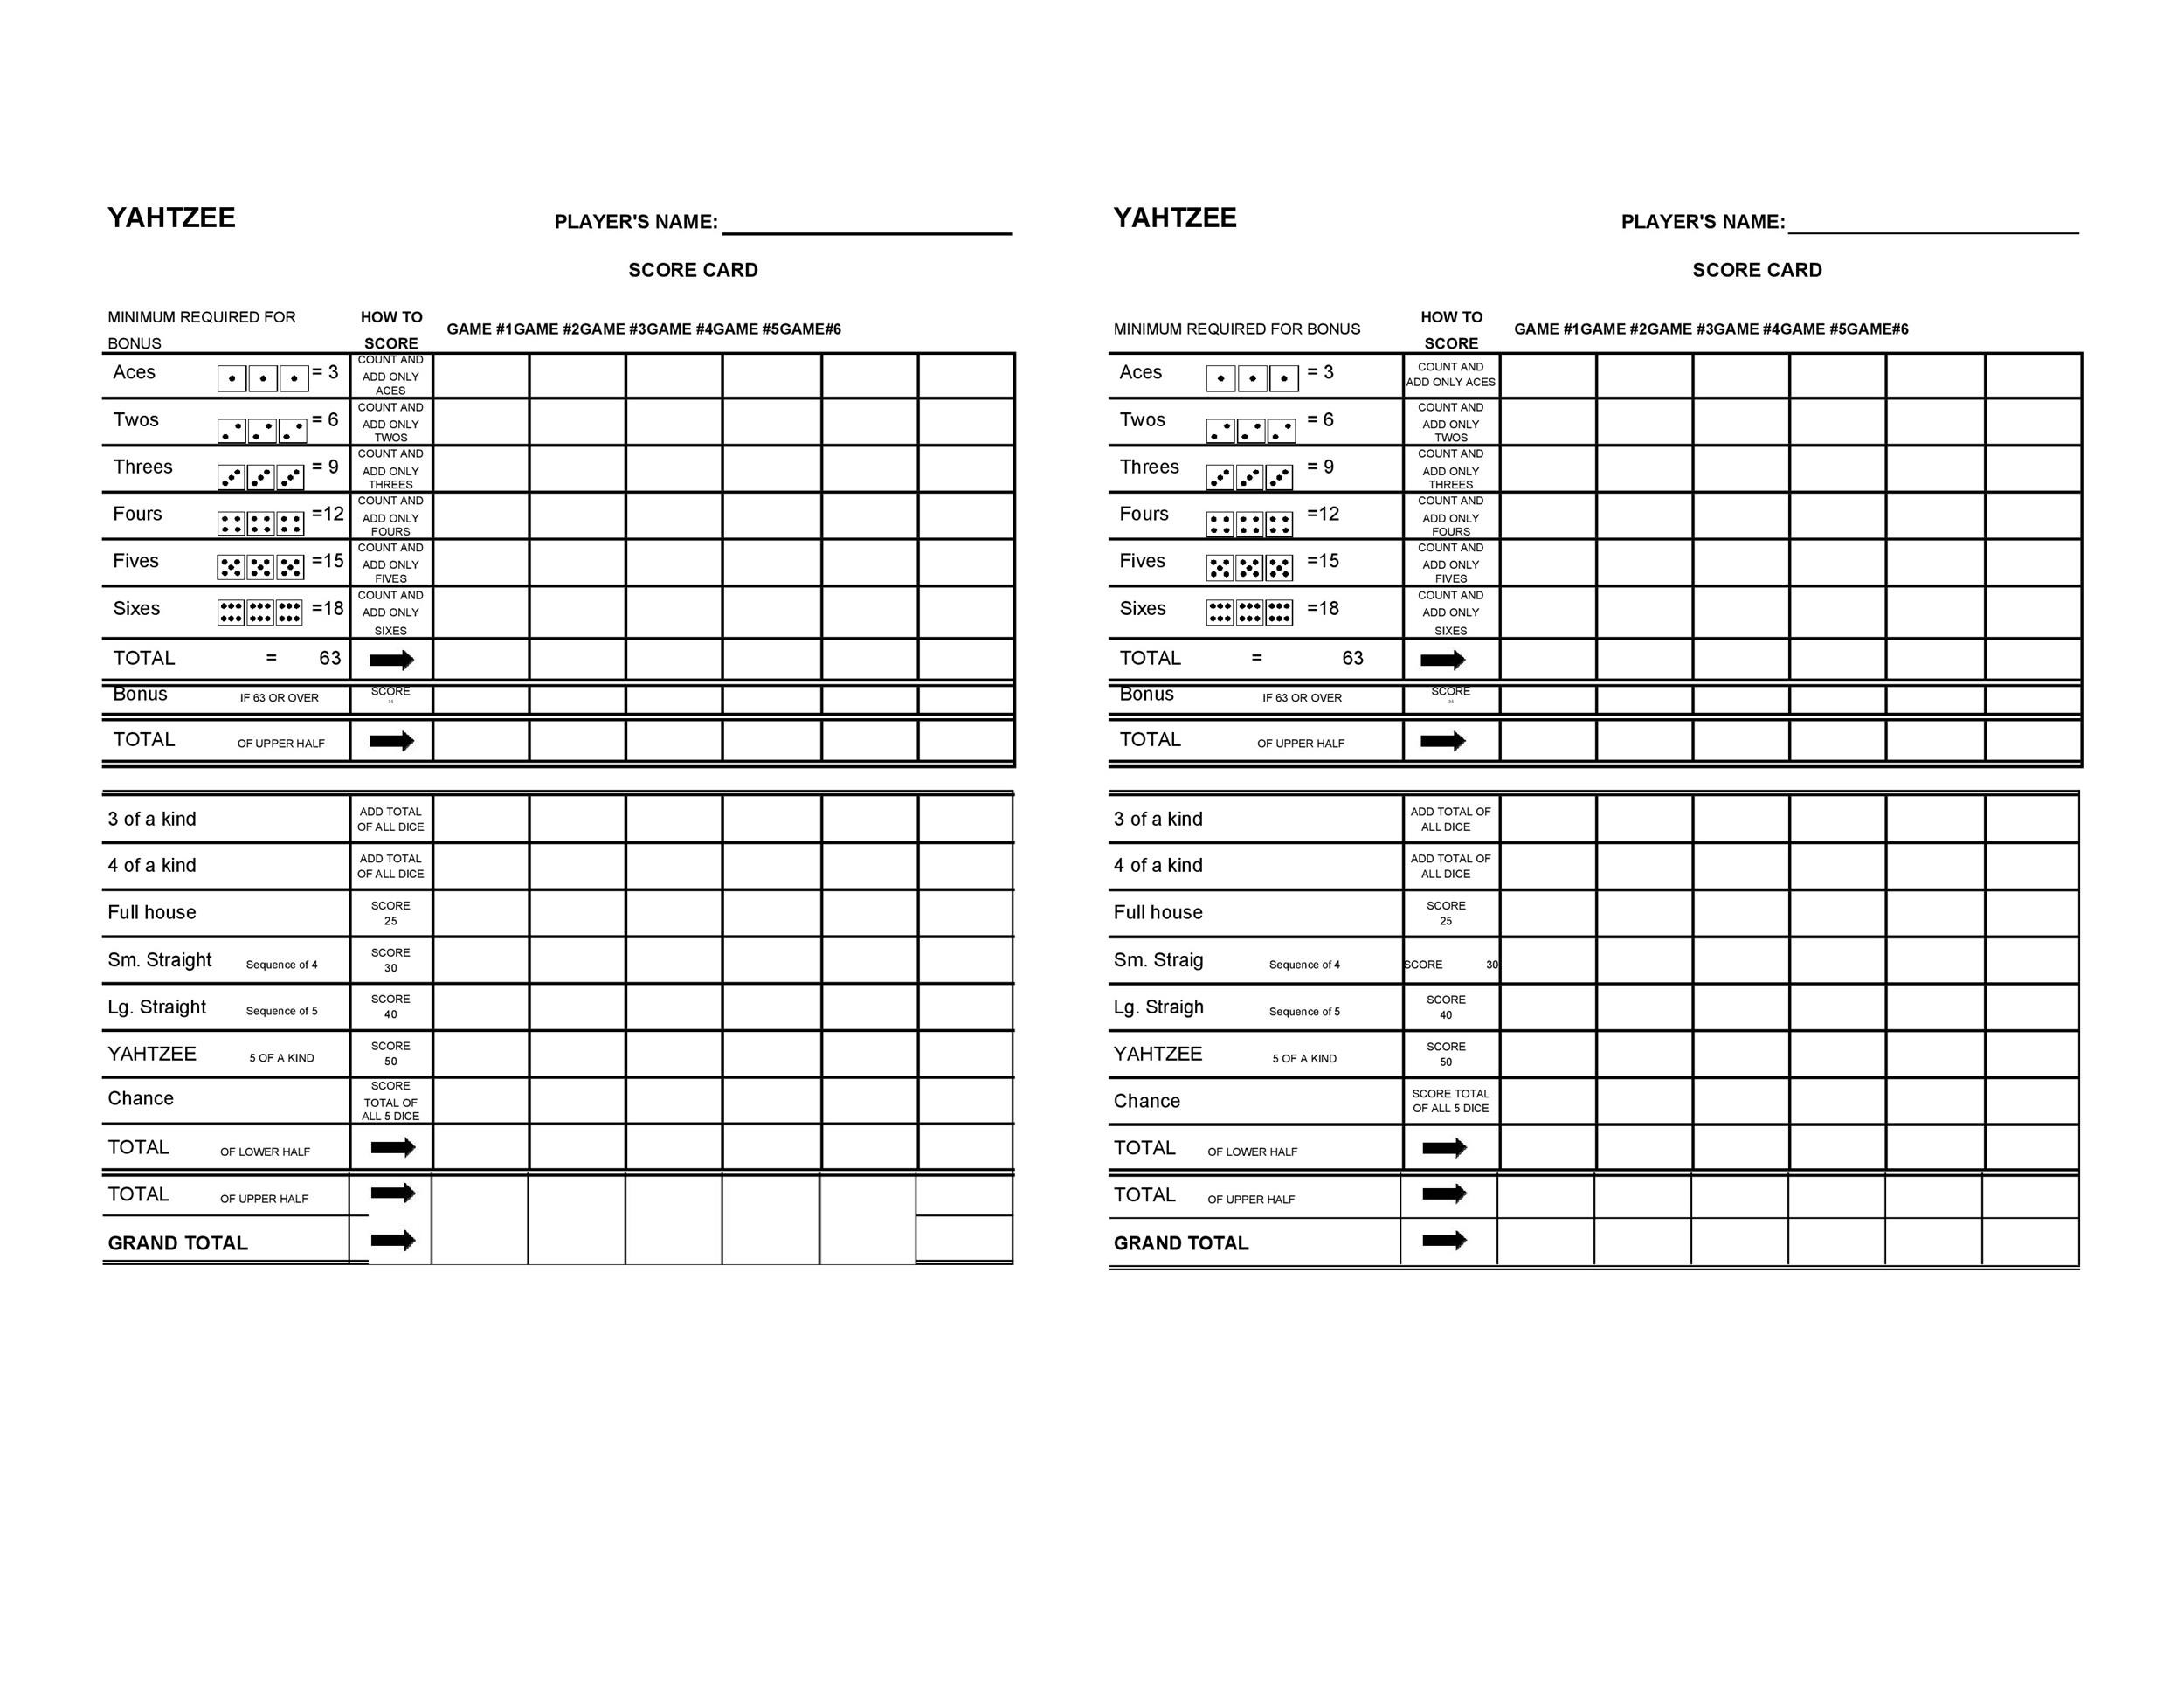 image regarding Printable Yahtzee Score Sheet identified as yahtzee rating card pdf